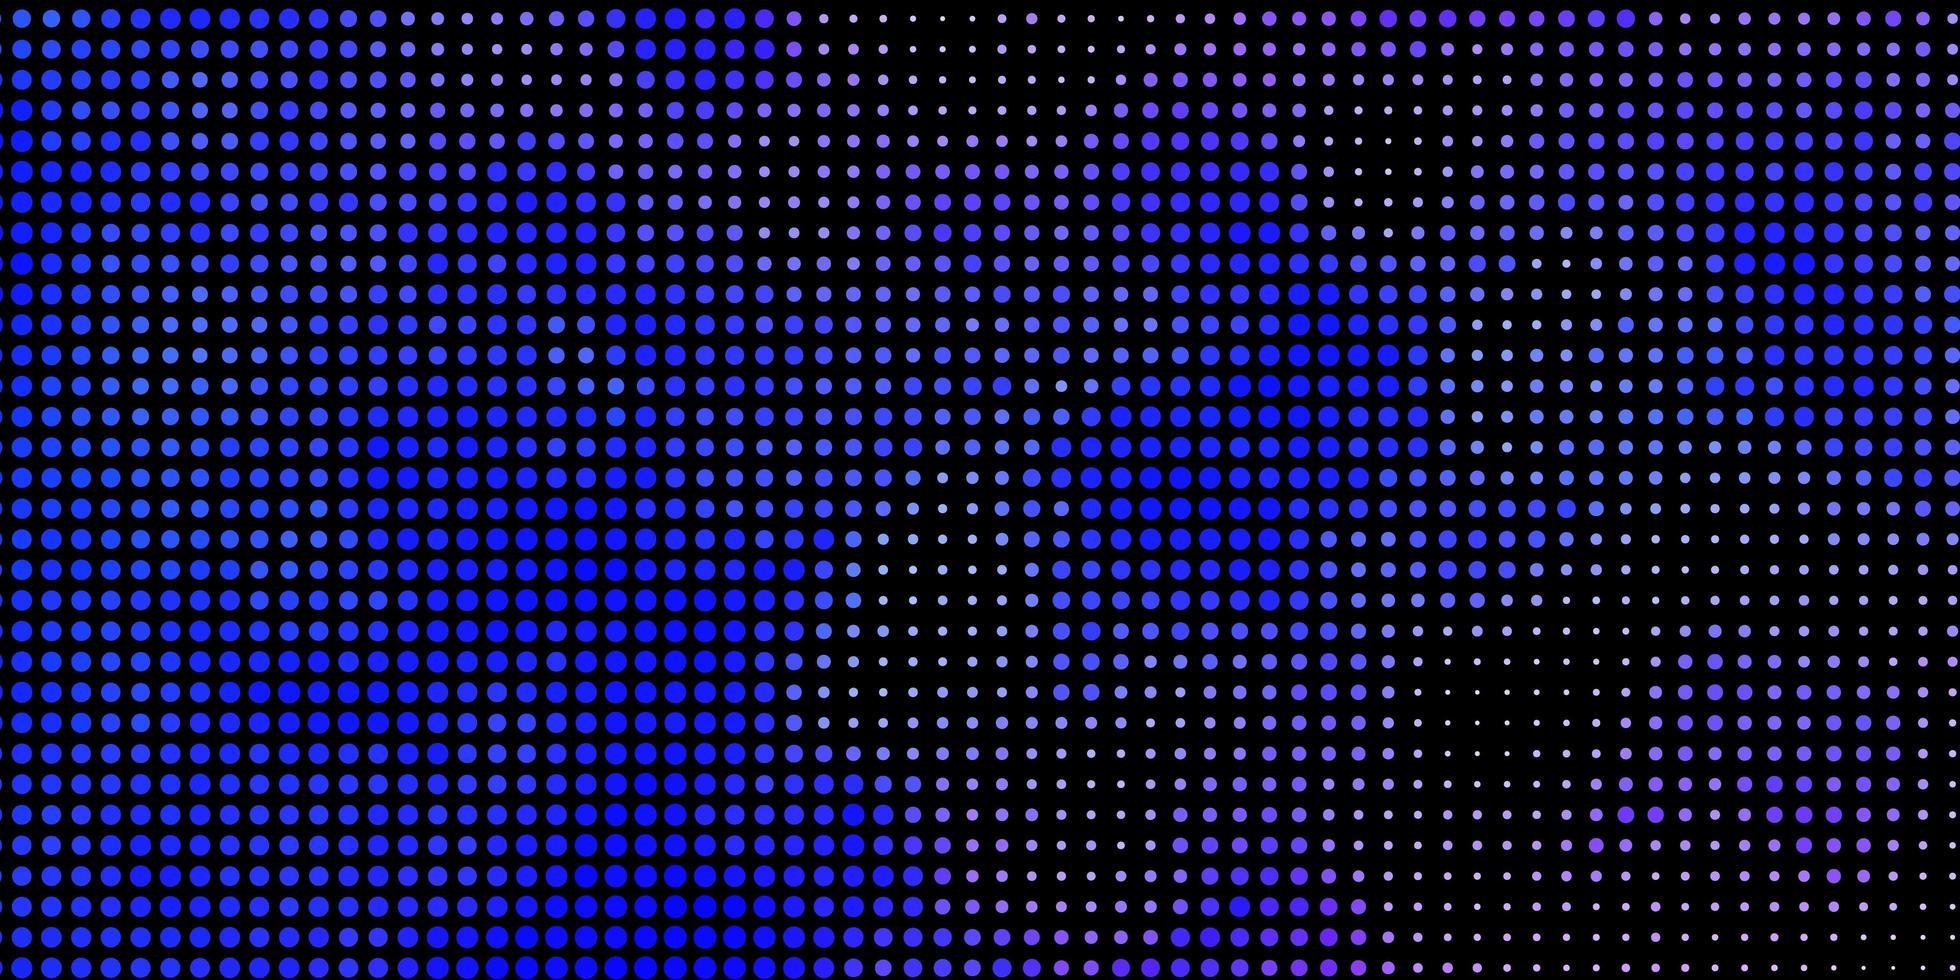 pano de fundo azul com pontos. vetor